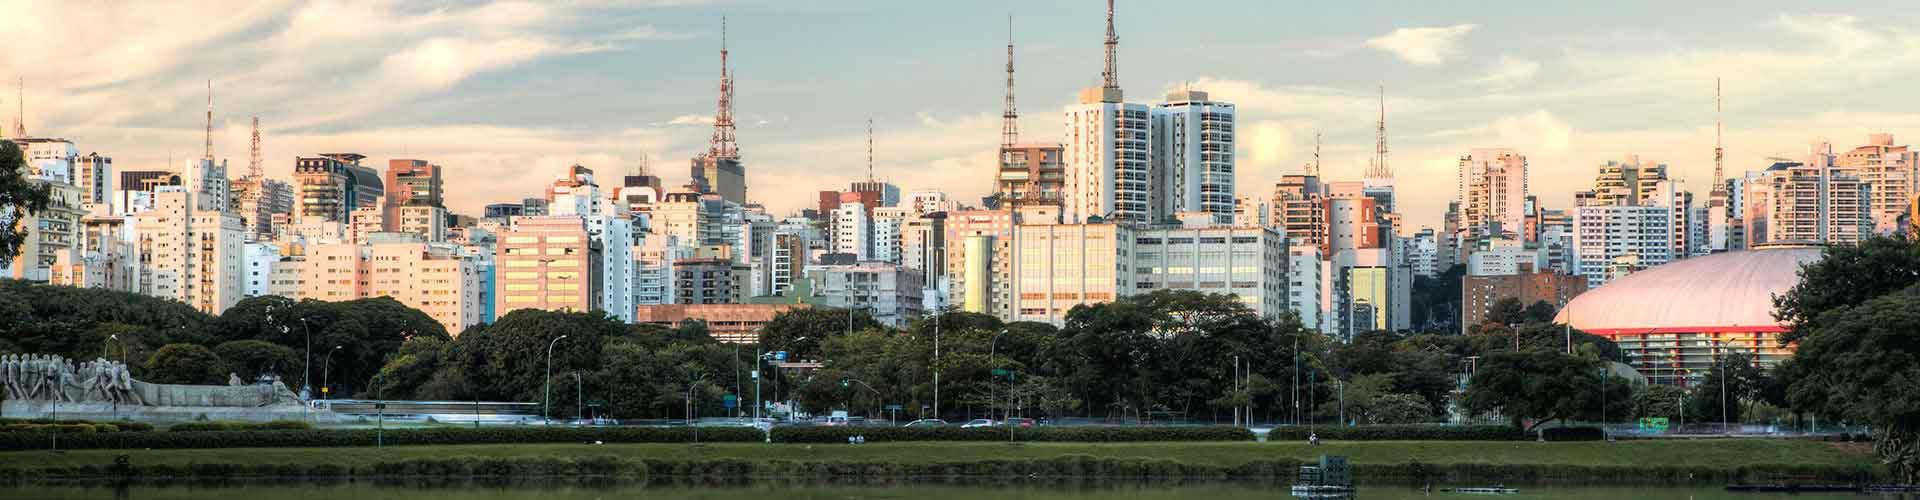 상파울로 - 콩고냐스 - 상파울루 공항와 가까운 호스텔. 상파울로의 지도, 상파울로에 위치한 호스텔 사진 및 후기 정보.